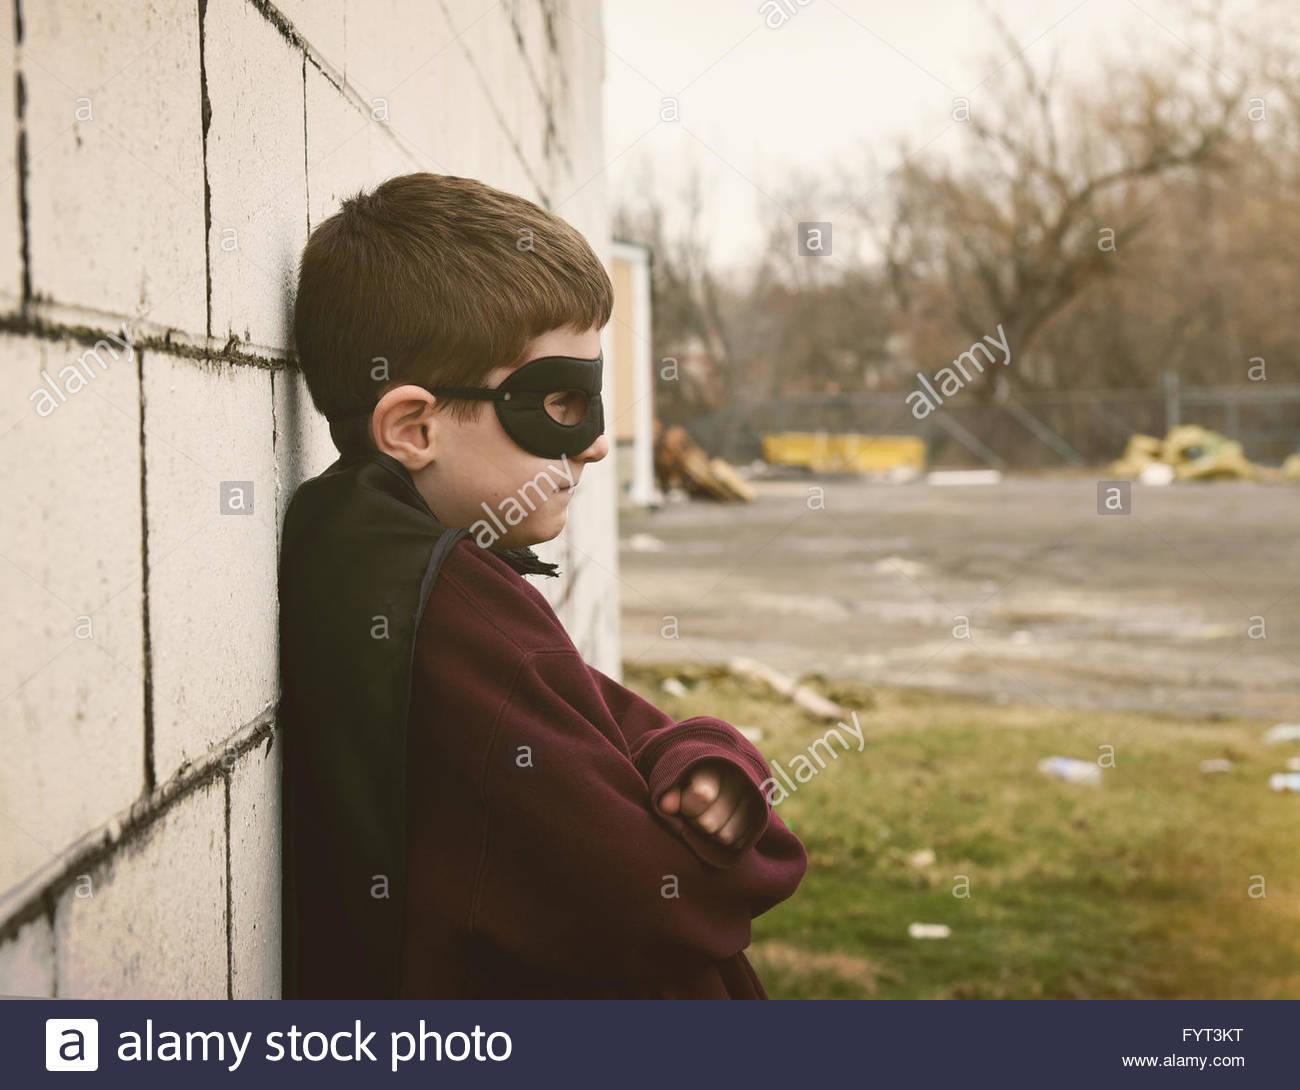 Un joven vestido como un superhéroe contra una pared con una valla de la ciudad y la contaminación para Imagen De Stock